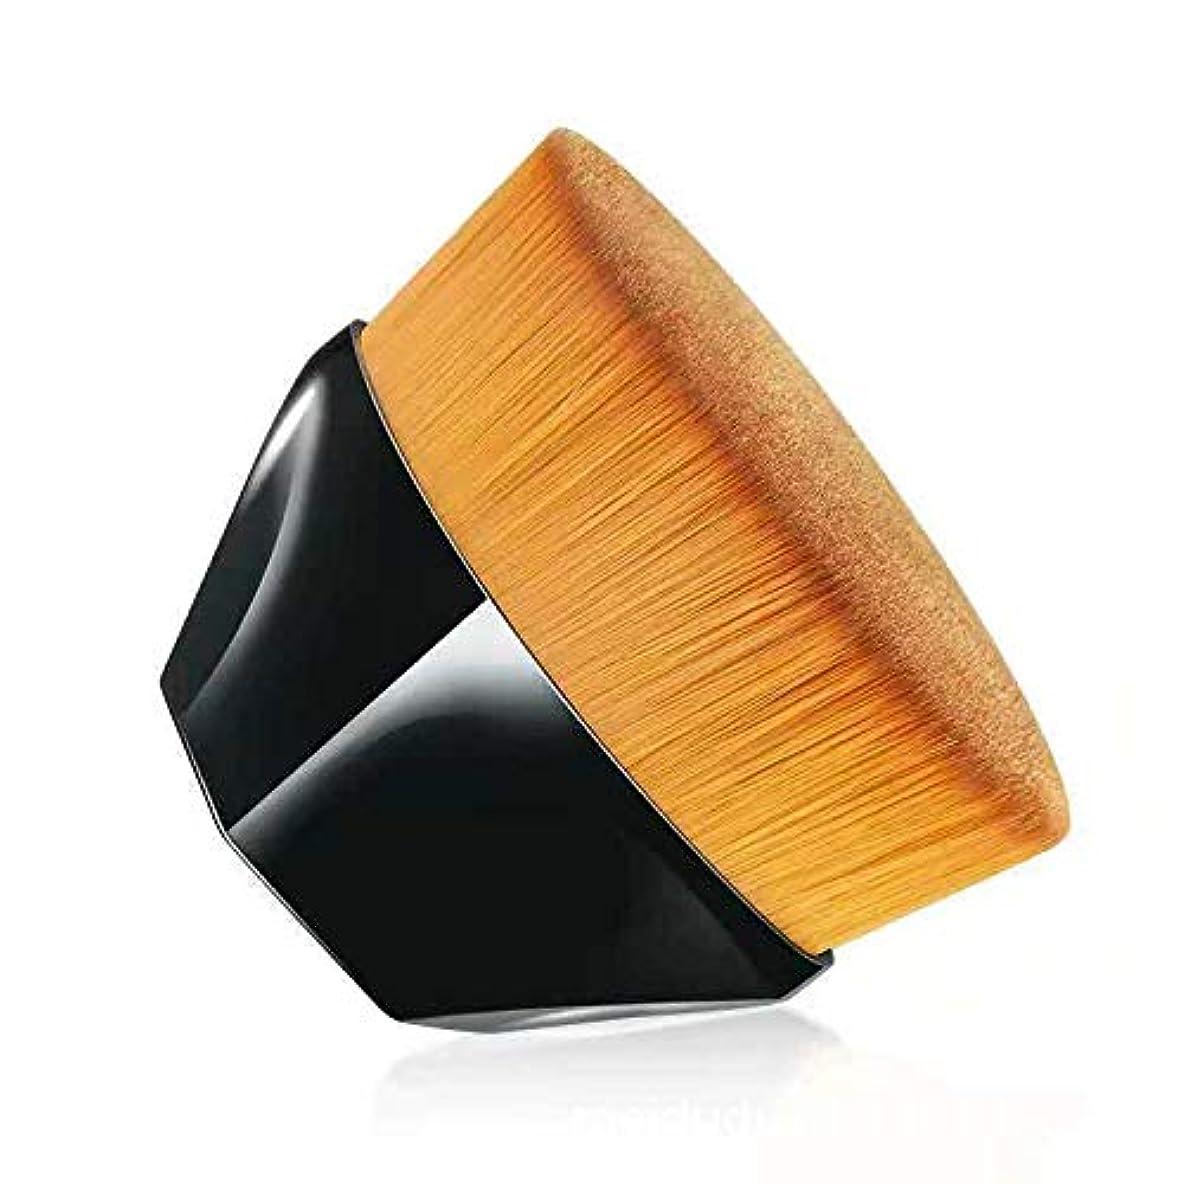 ジャンプずっとキャリア柔らかい高級繊維毛化粧ブラシ 携帯便利メイクアップブラシ 肌にやさしいファンデーションブラシ 化粧筆 (ブラック)